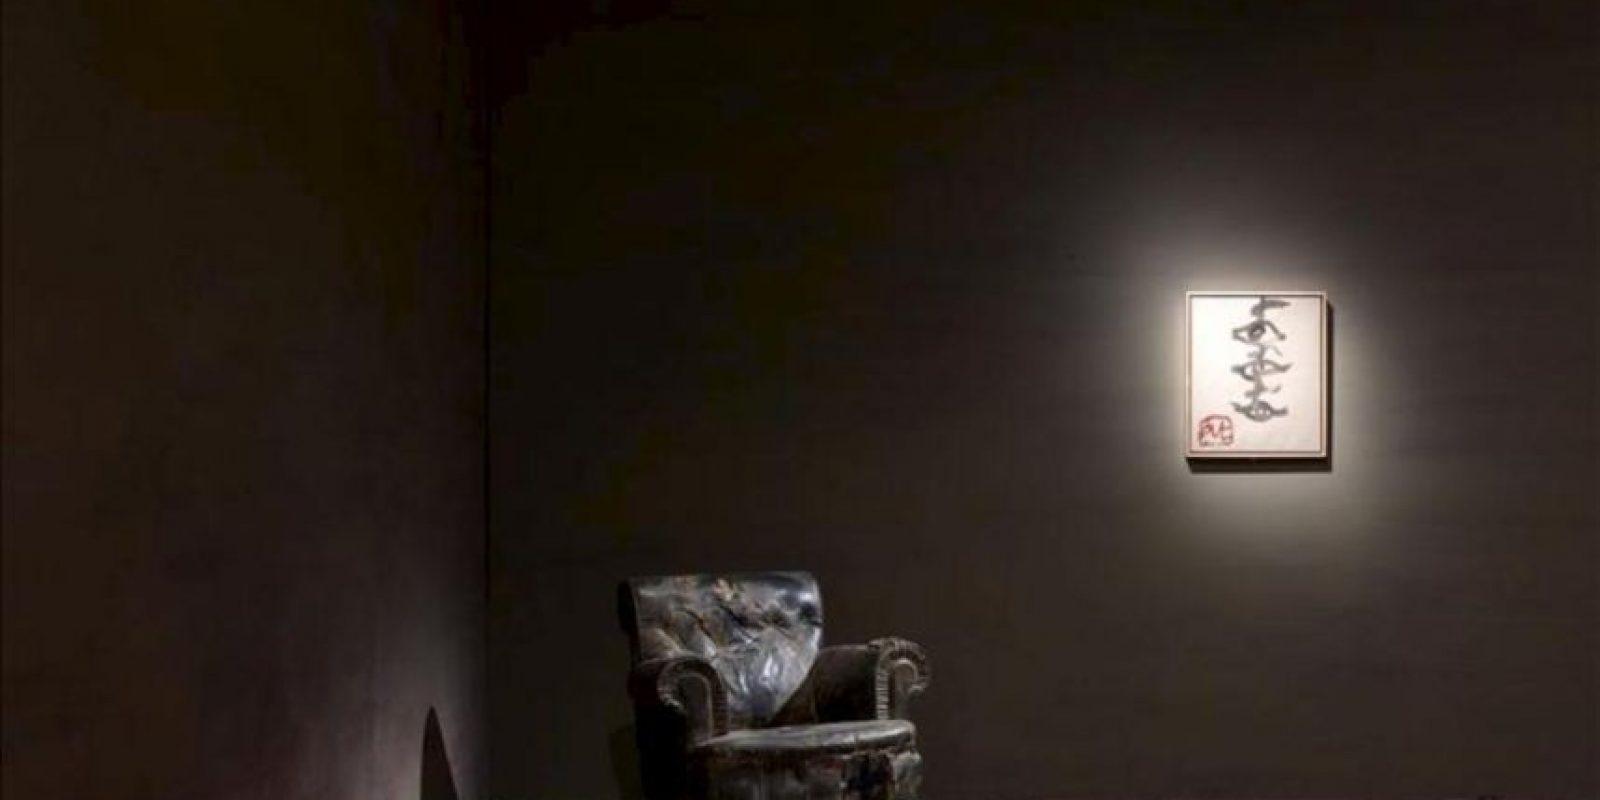 """Fotografía facilitada por la Fundación Vervoordt de la famosa """"Butaca"""", y el óleo """"Ulls i creus en vertical"""", de Antoni Tàpies, que forma parte de la exposición """"Tàpies. Lo sguardo dell' artista"""" (Tàpies. La mirada del artista), organizada por dicha fundación junto con la del Musei Civici di Venezia. EFE"""